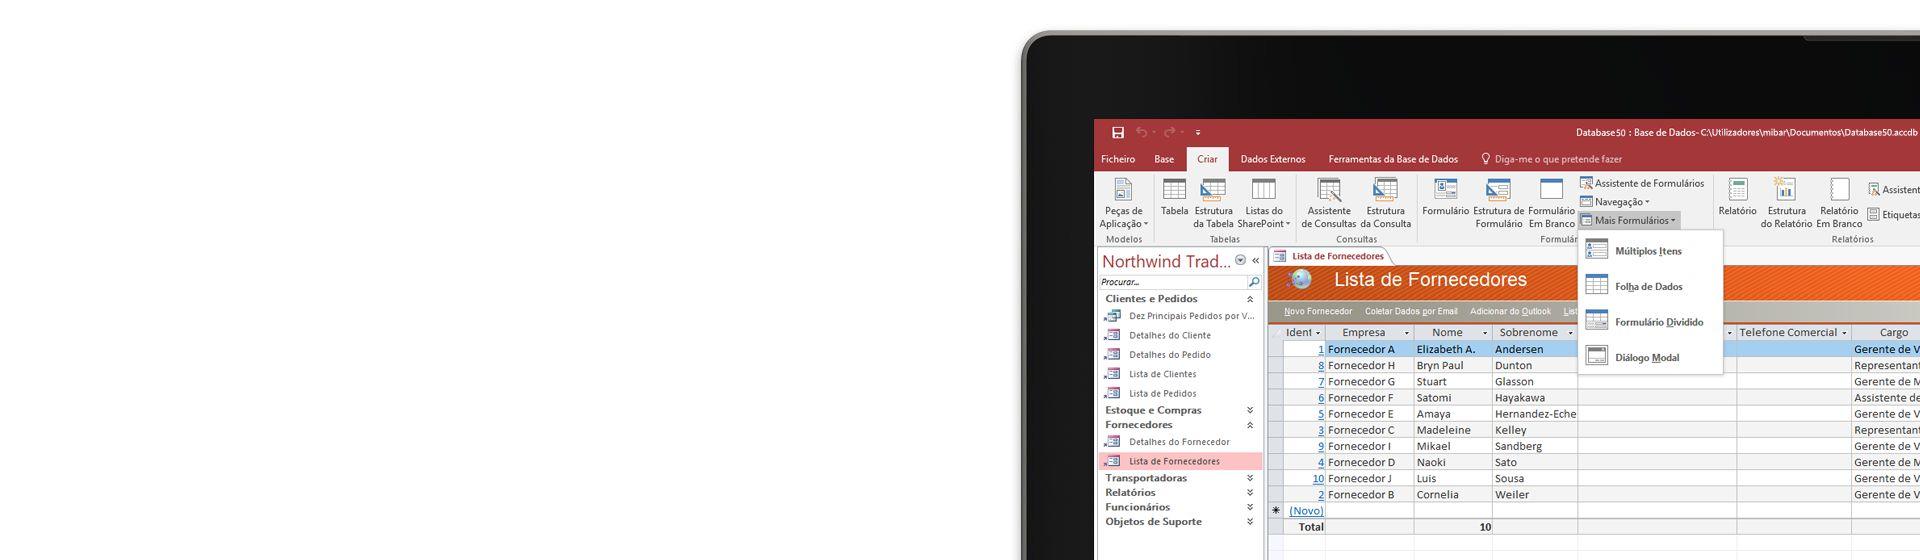 O canto do ecrã de um computador a mostrar uma lista de fornecedores numa base de dados do Microsoft Access.